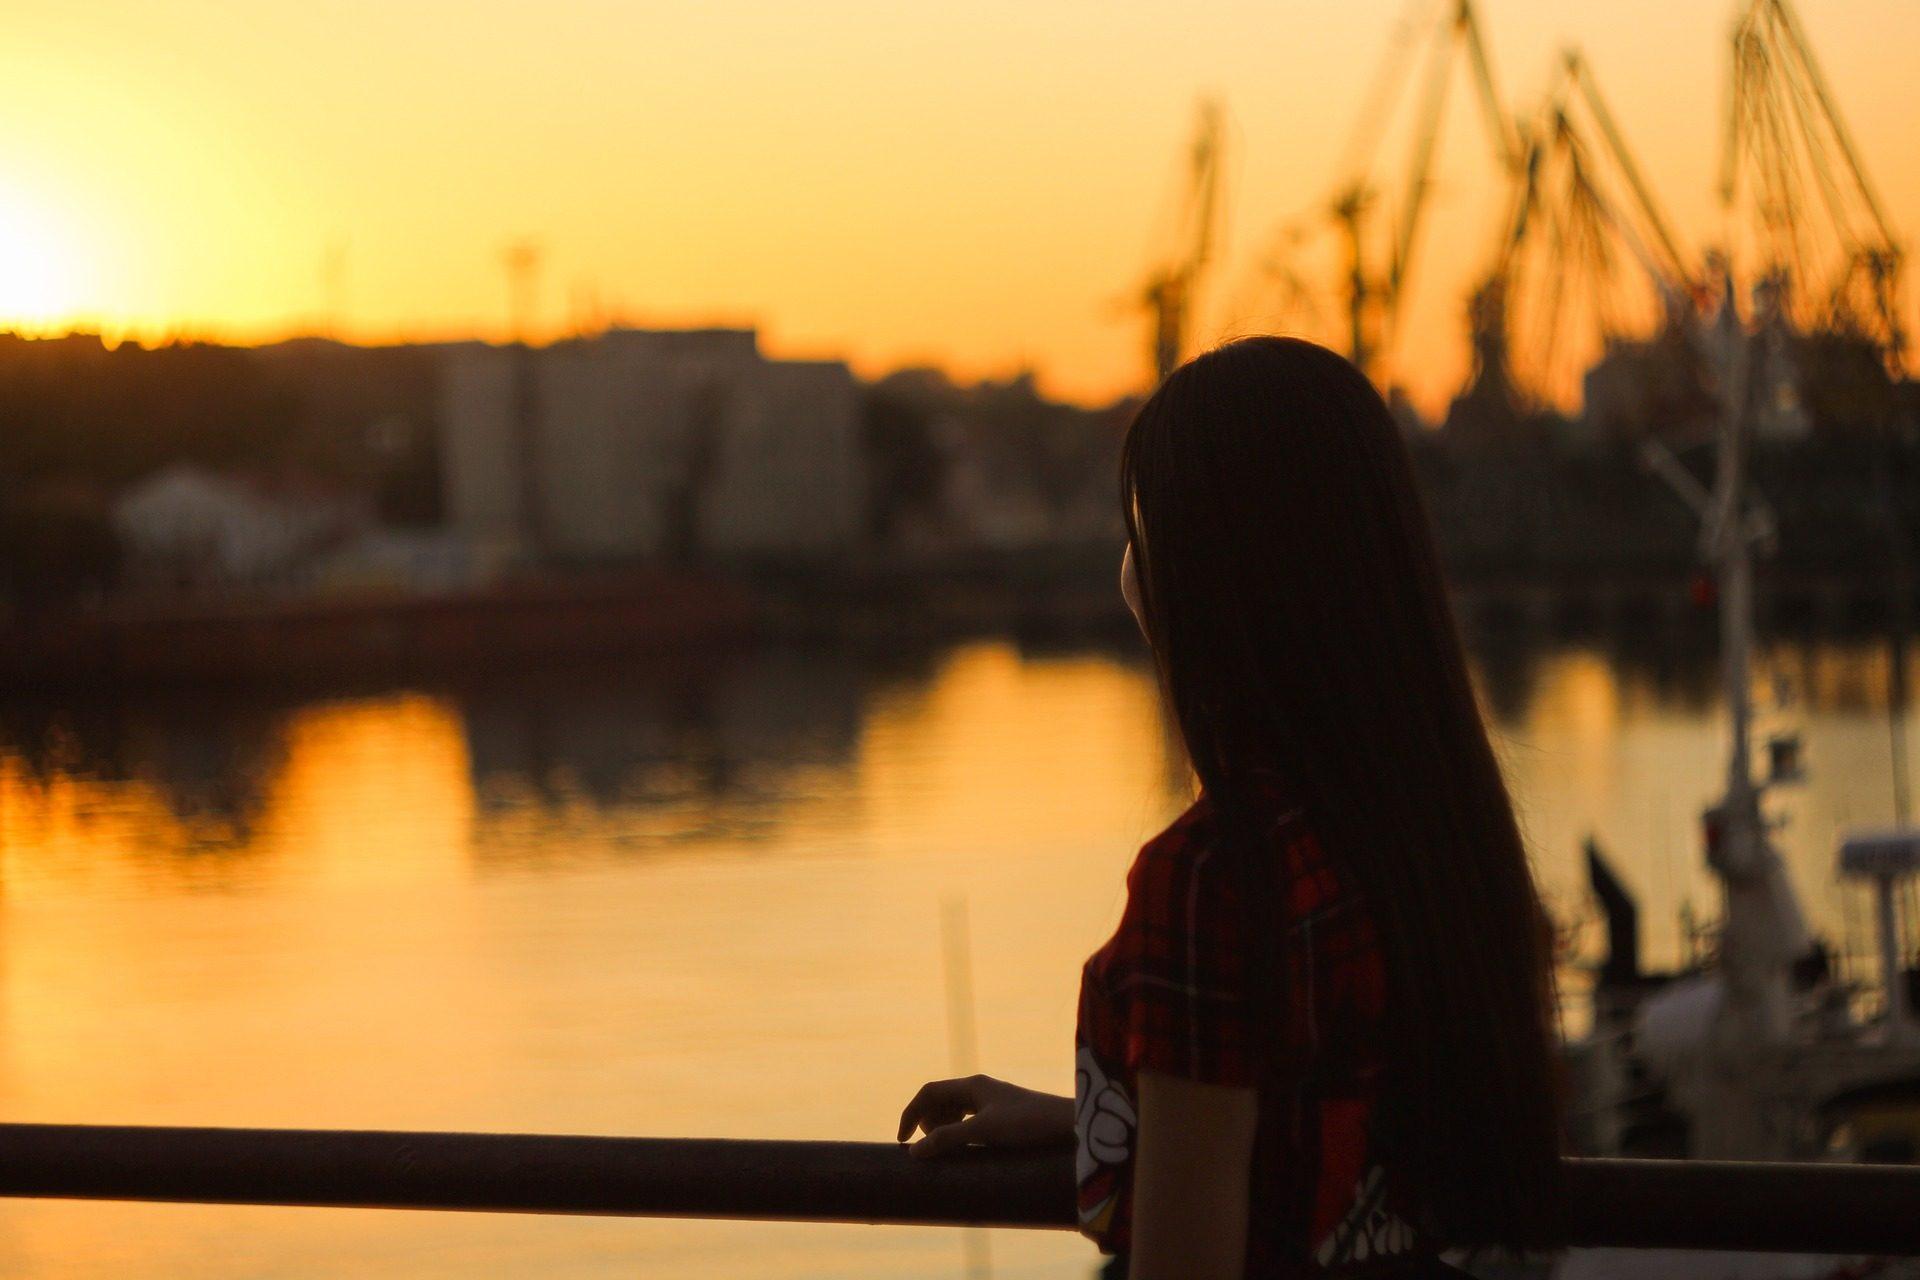 Λιμάνι, γυναίκα, Ηλιοβασίλεμα, βάρκες, νερό, Σιλουέτα - Wallpapers HD - Professor-falken.com